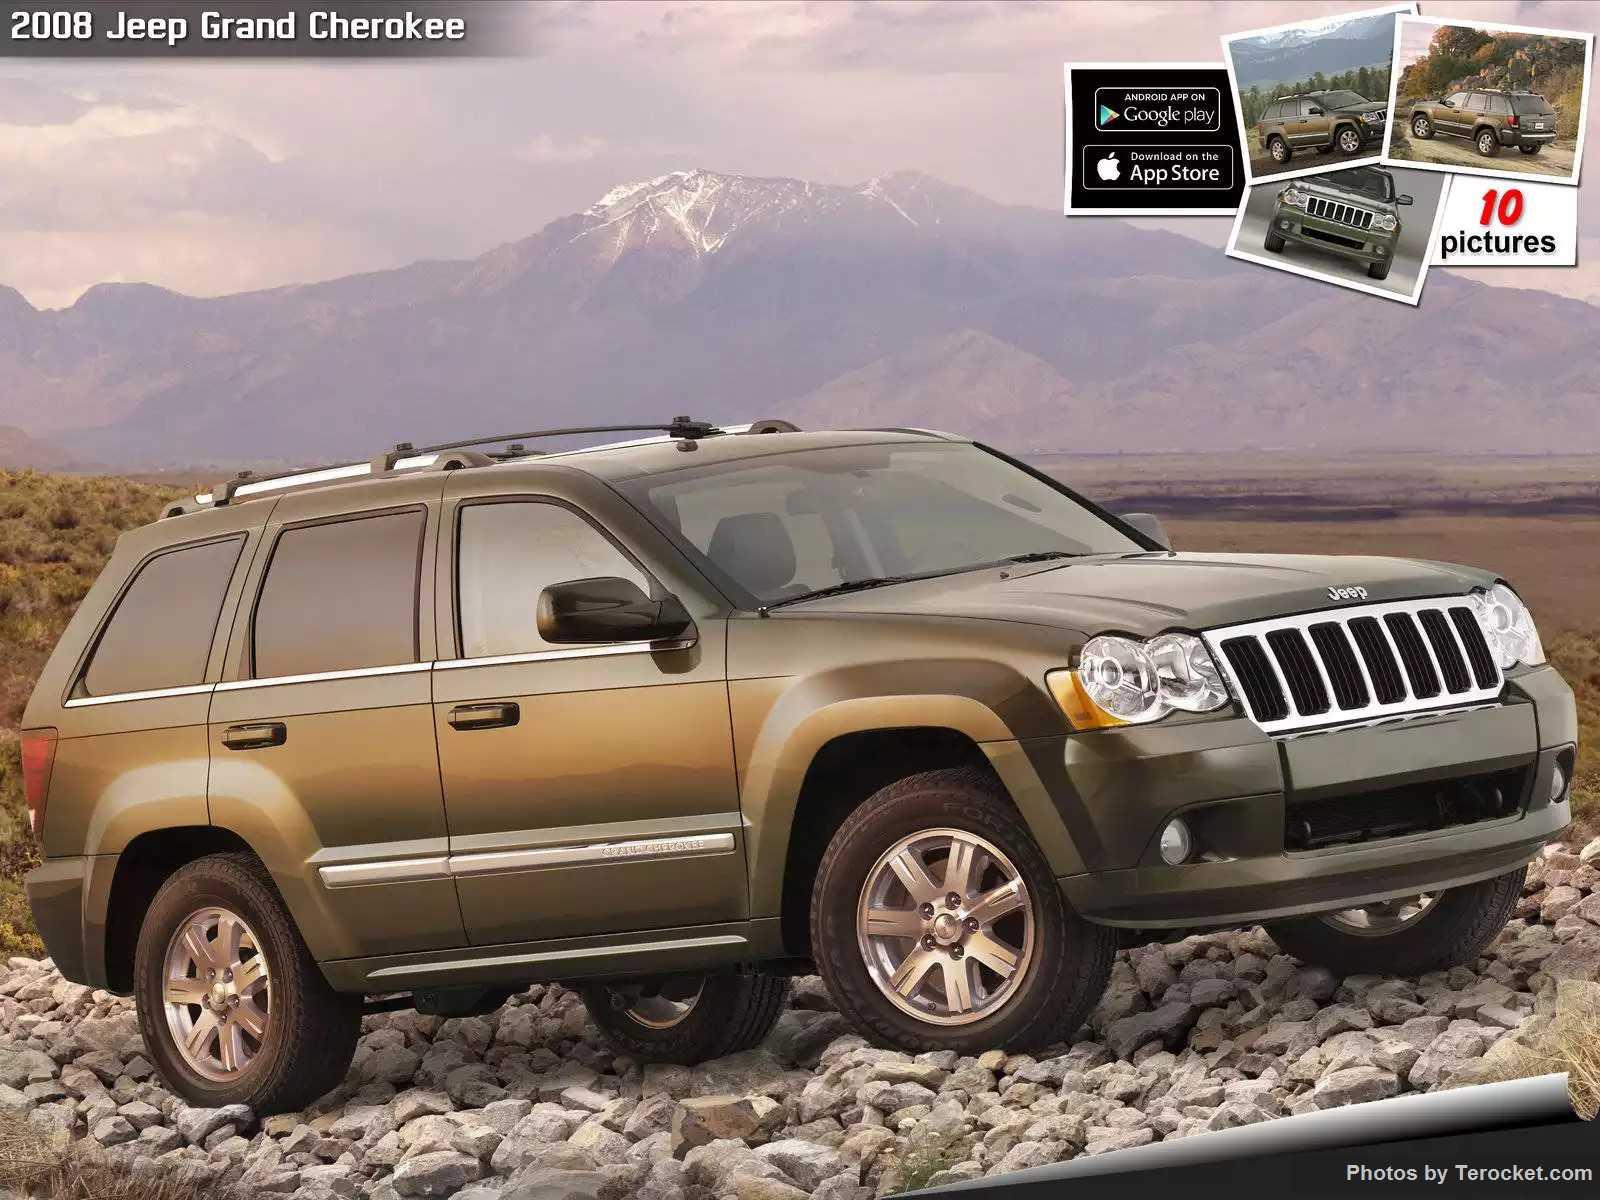 Hình ảnh xe ô tô Jeep Grand Cherokee 2008 & nội ngoại thất